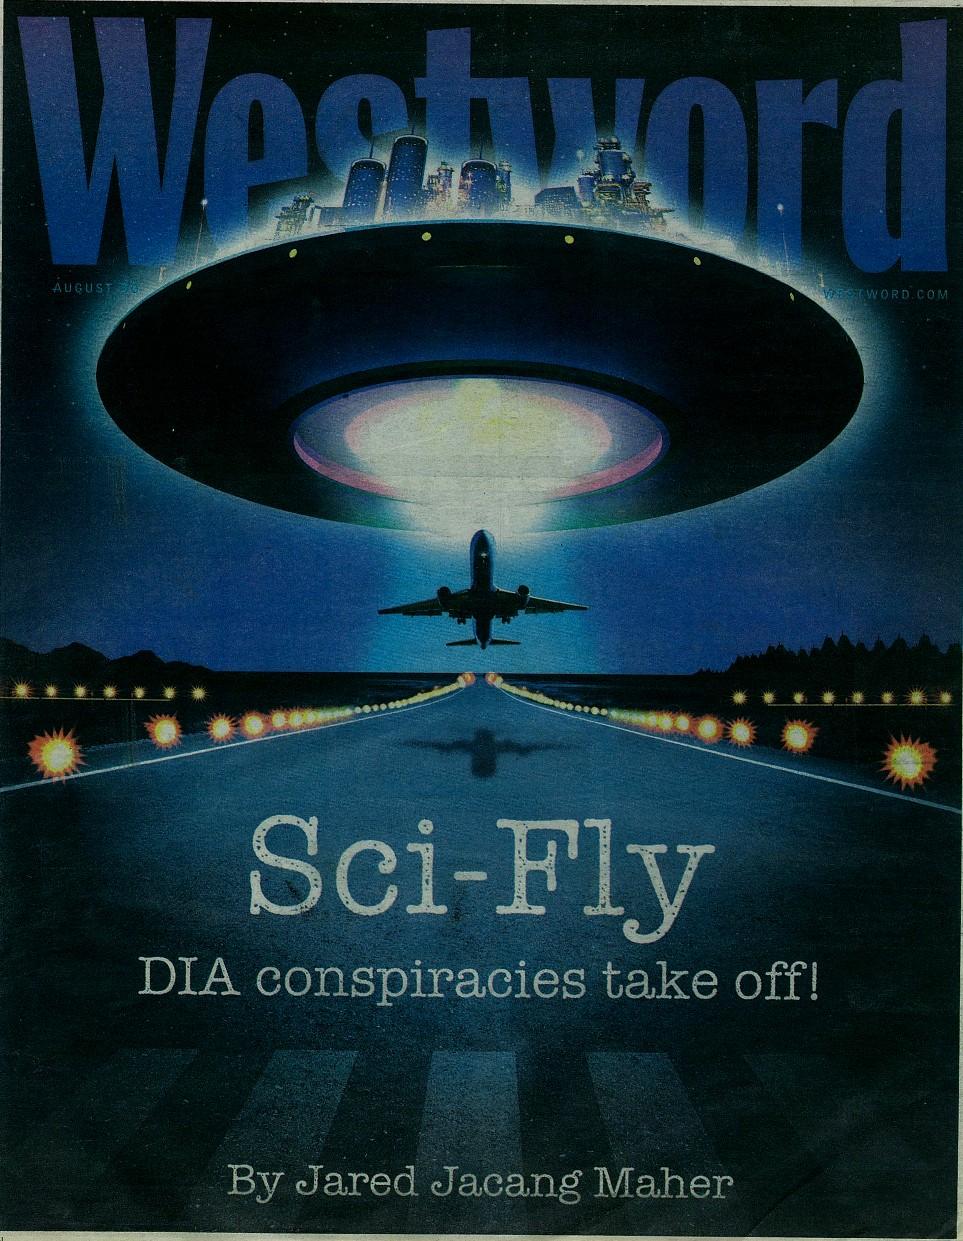 30 de agosto 2007 edición del periódico Westword de Denver